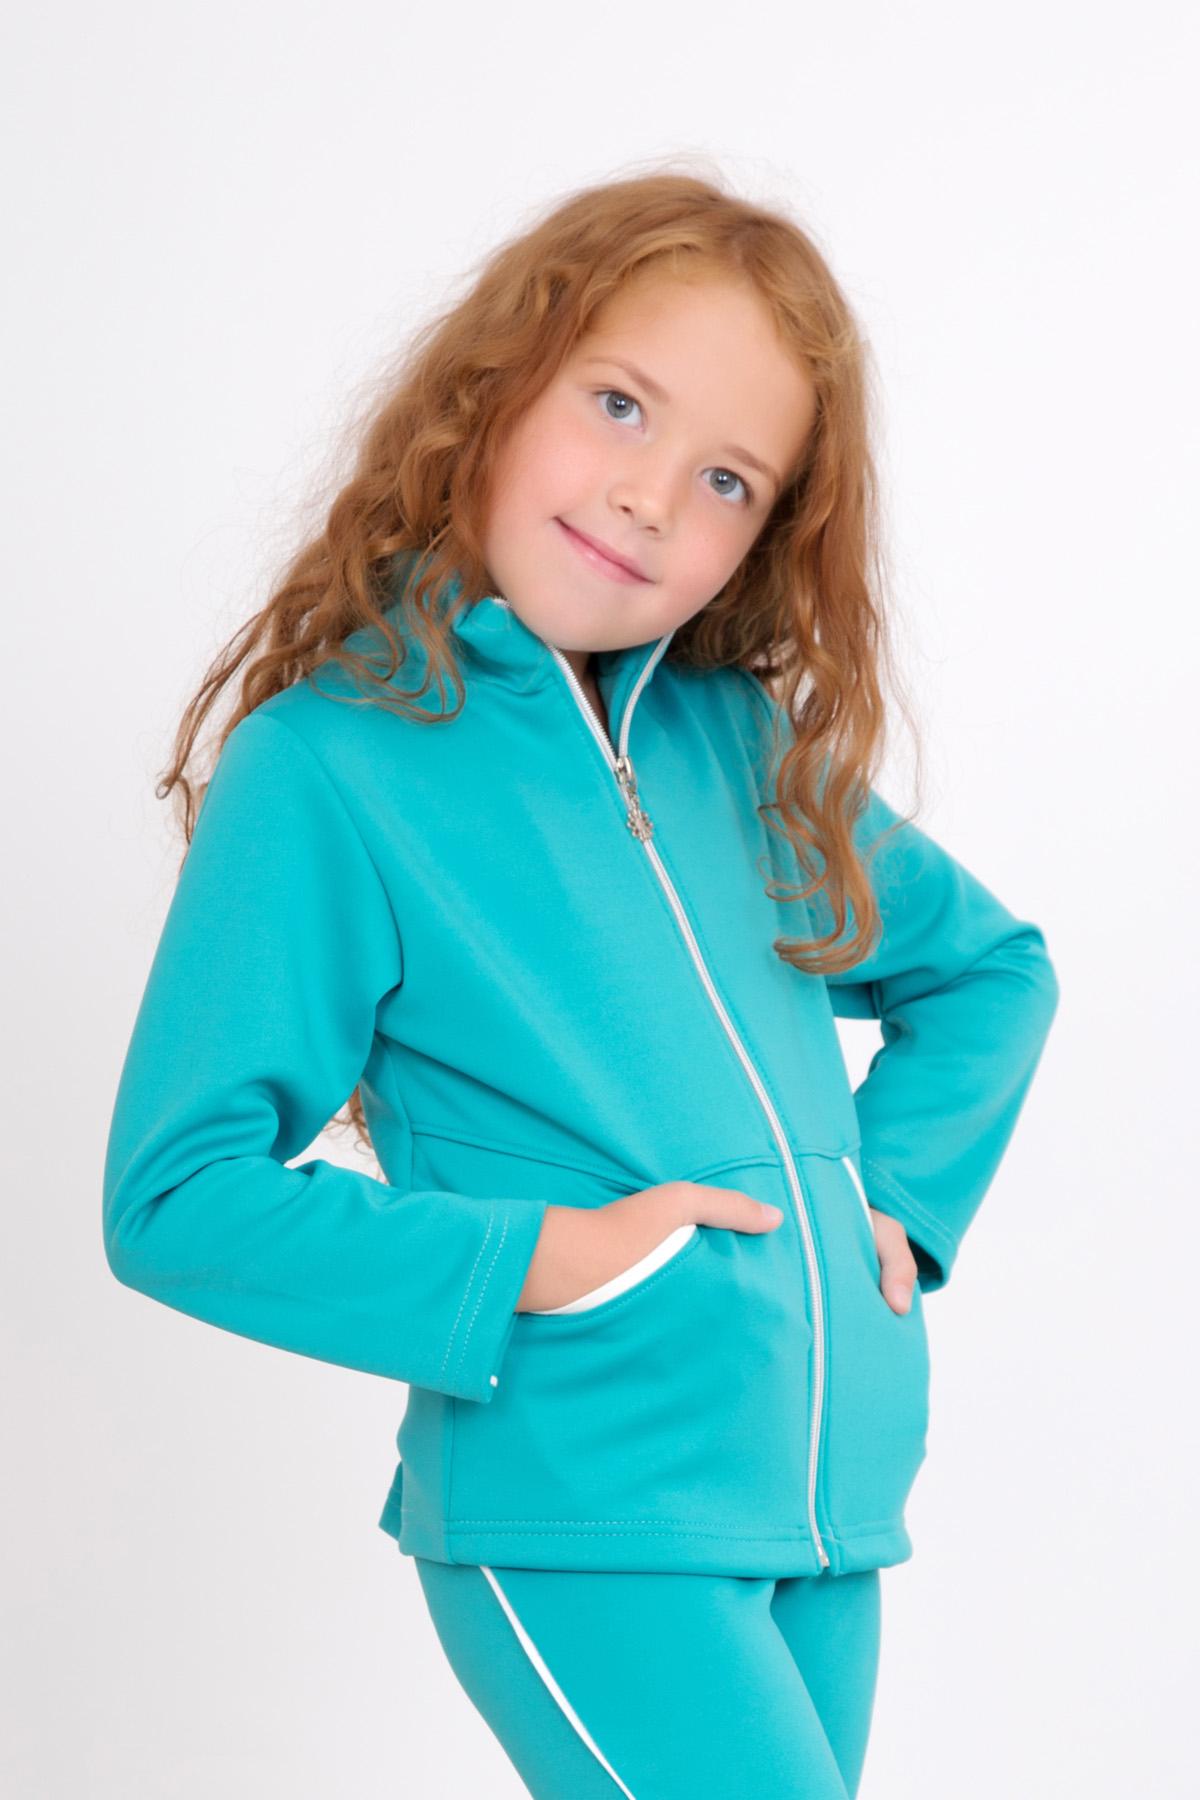 Дет. толстовка Спорт Ментол р. 34Джемпера и толстовки<br><br><br>Тип: Дет. толстовка<br>Размер: 34<br>Материал: Полиэстер